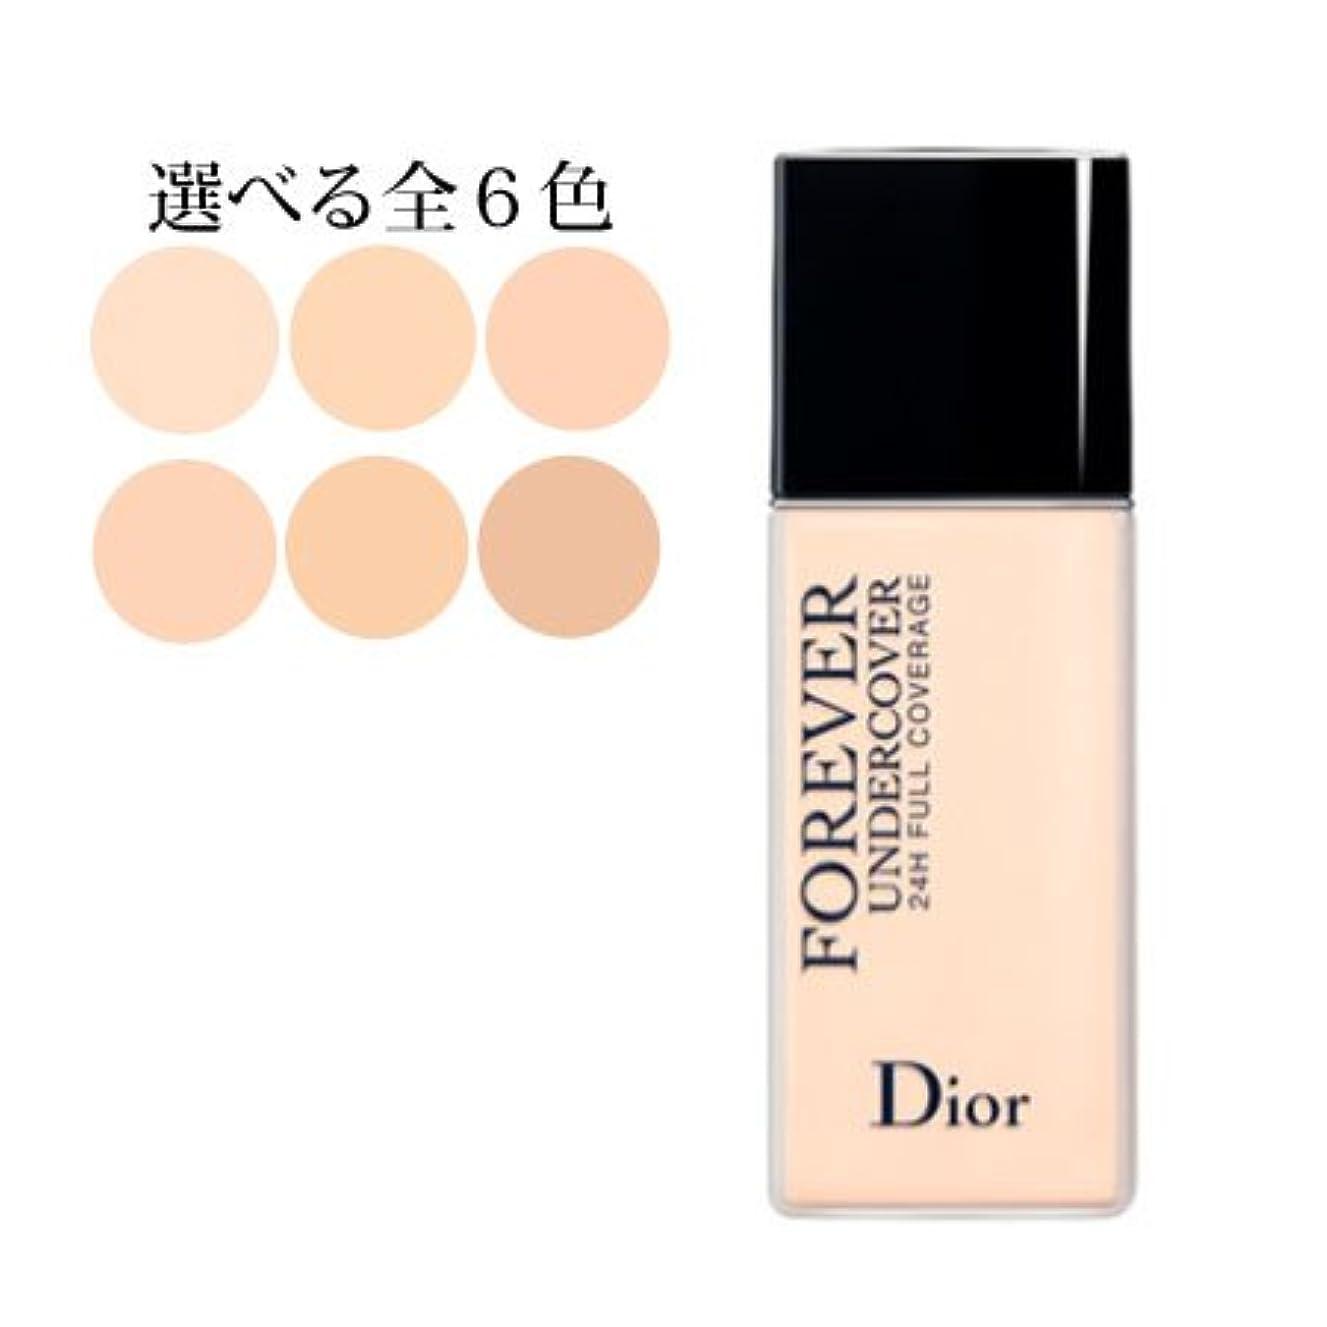 ほかに合計言い直すディオールスキン フォーエヴァー アンダーカバー 選べる6色 -Dior- 012